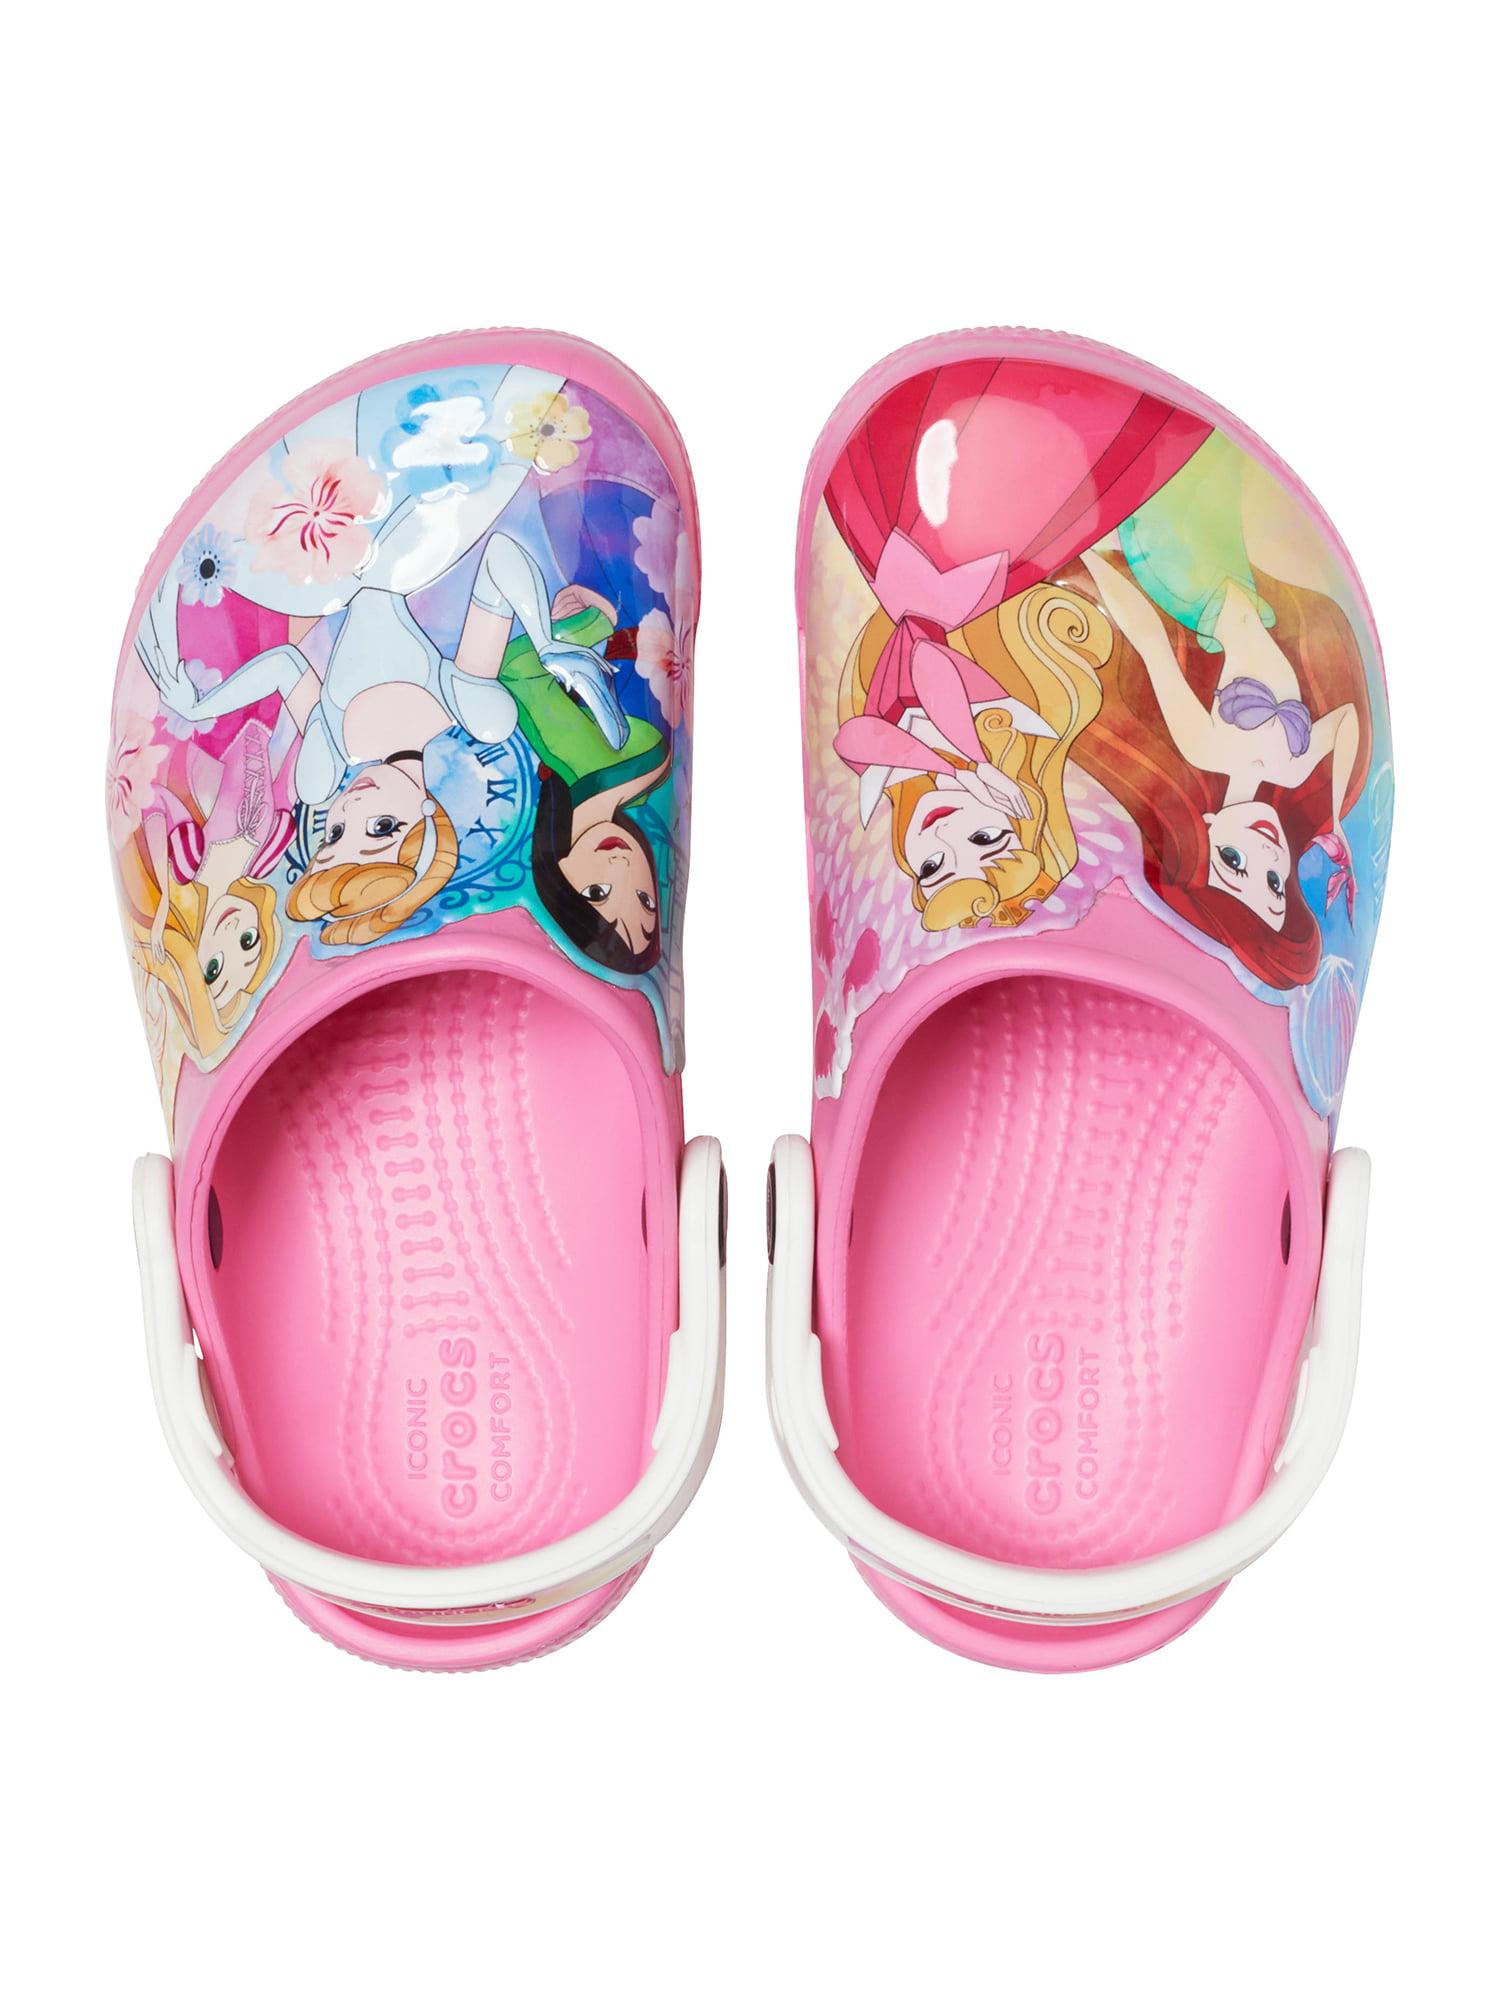 Slip-on Princess Shoes for Toddler Girls Crocs Kids Disney Clog